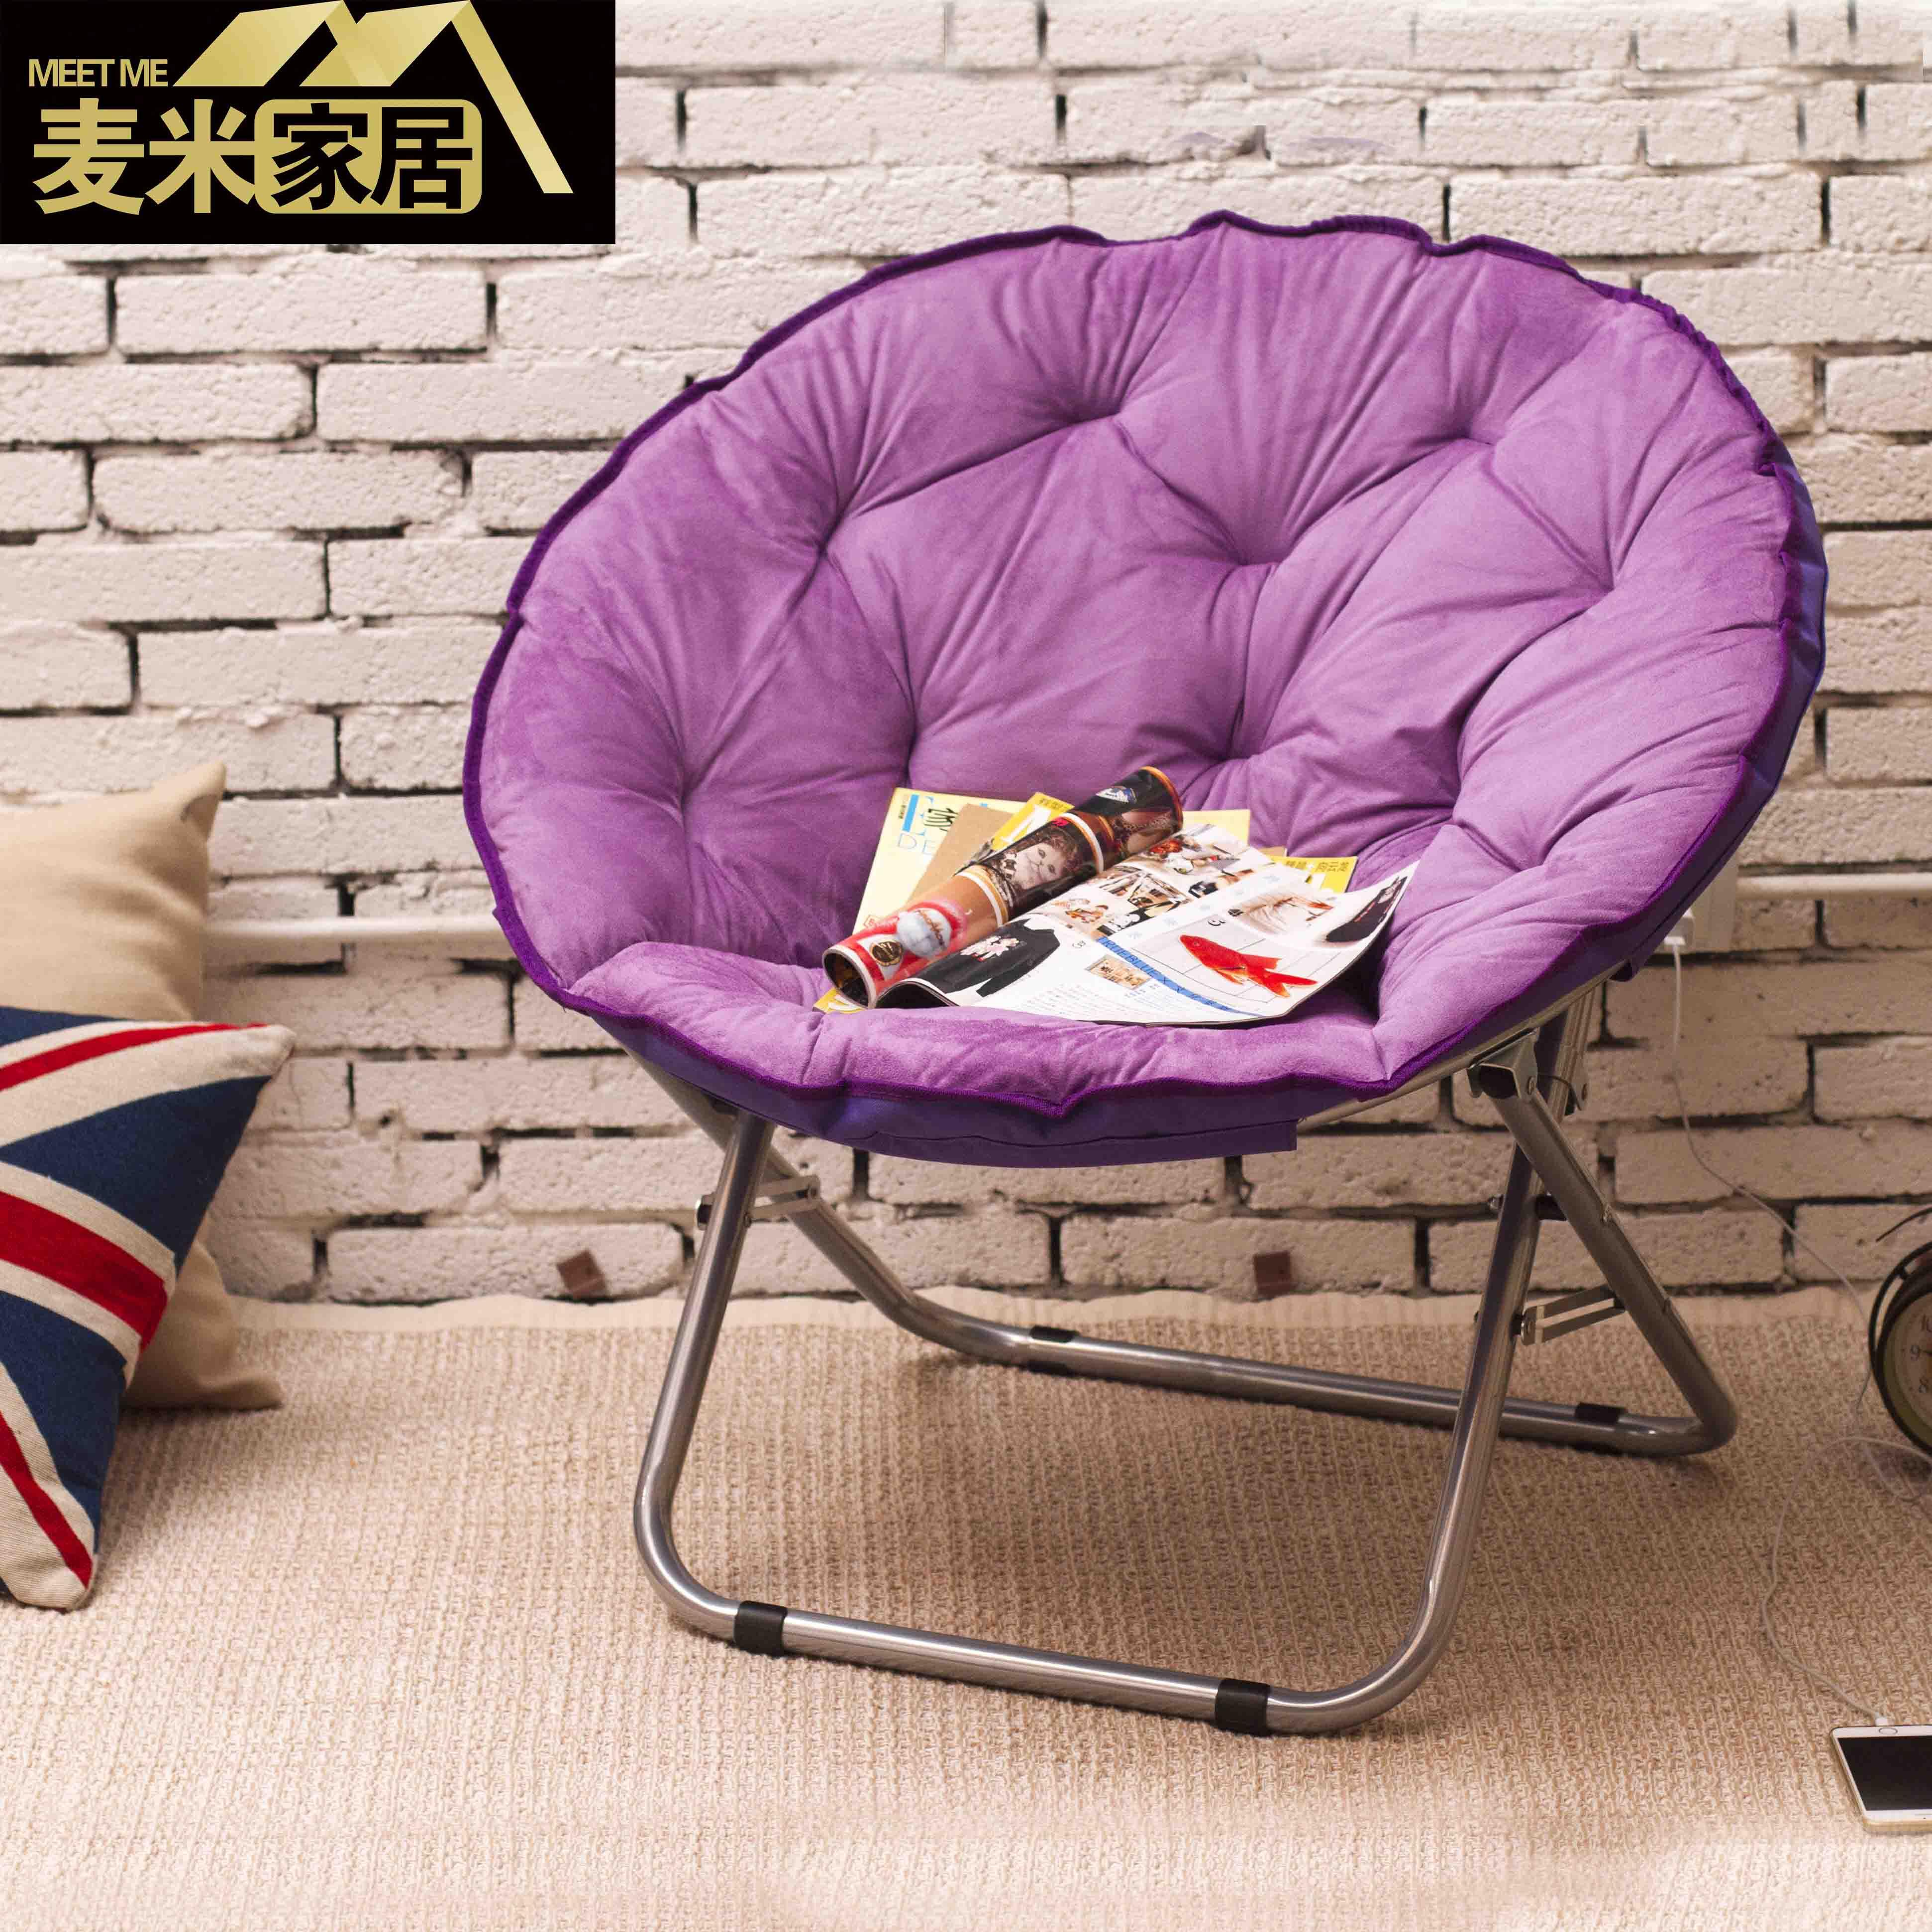 麥米 月亮椅懶人椅雷達椅午休折疊躺椅靠背椅太陽椅單人